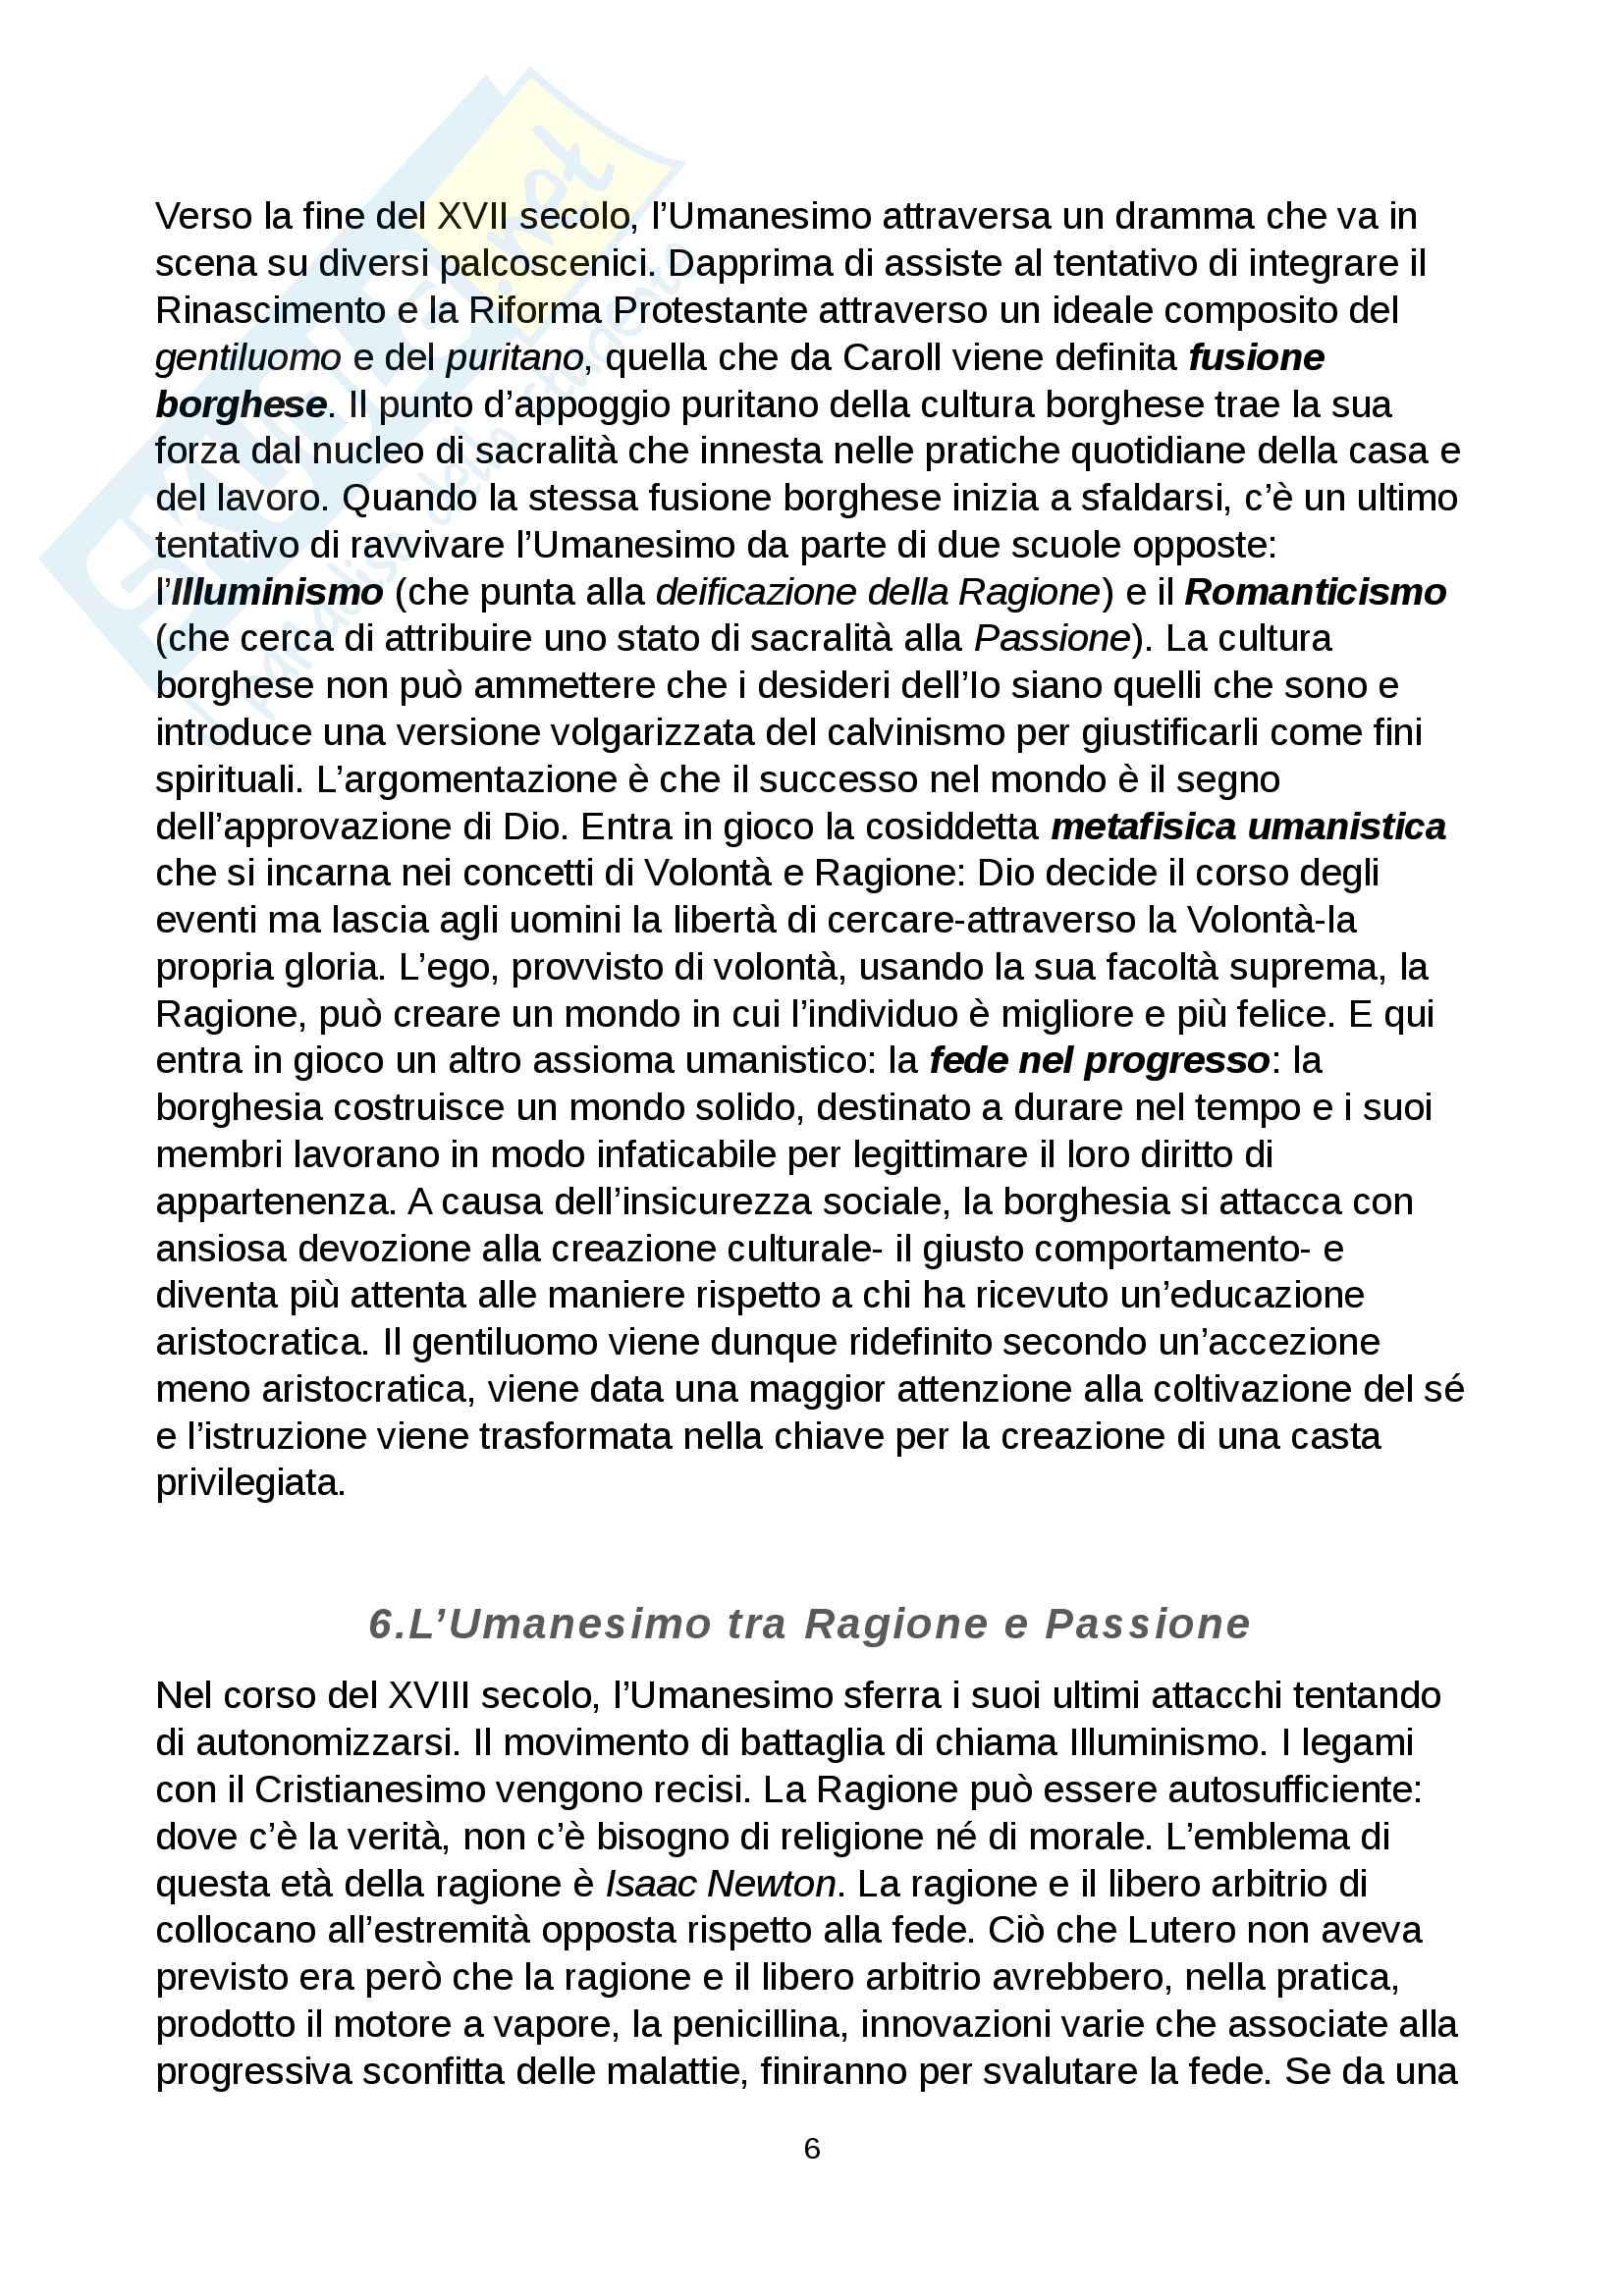 Riassunto esame Comunicazione e processi culturali, prof. Pecchinenda Gianfranco, libro consigliato Il Sistema Mimetico, Gianfranco Pecchinenda Pag. 6